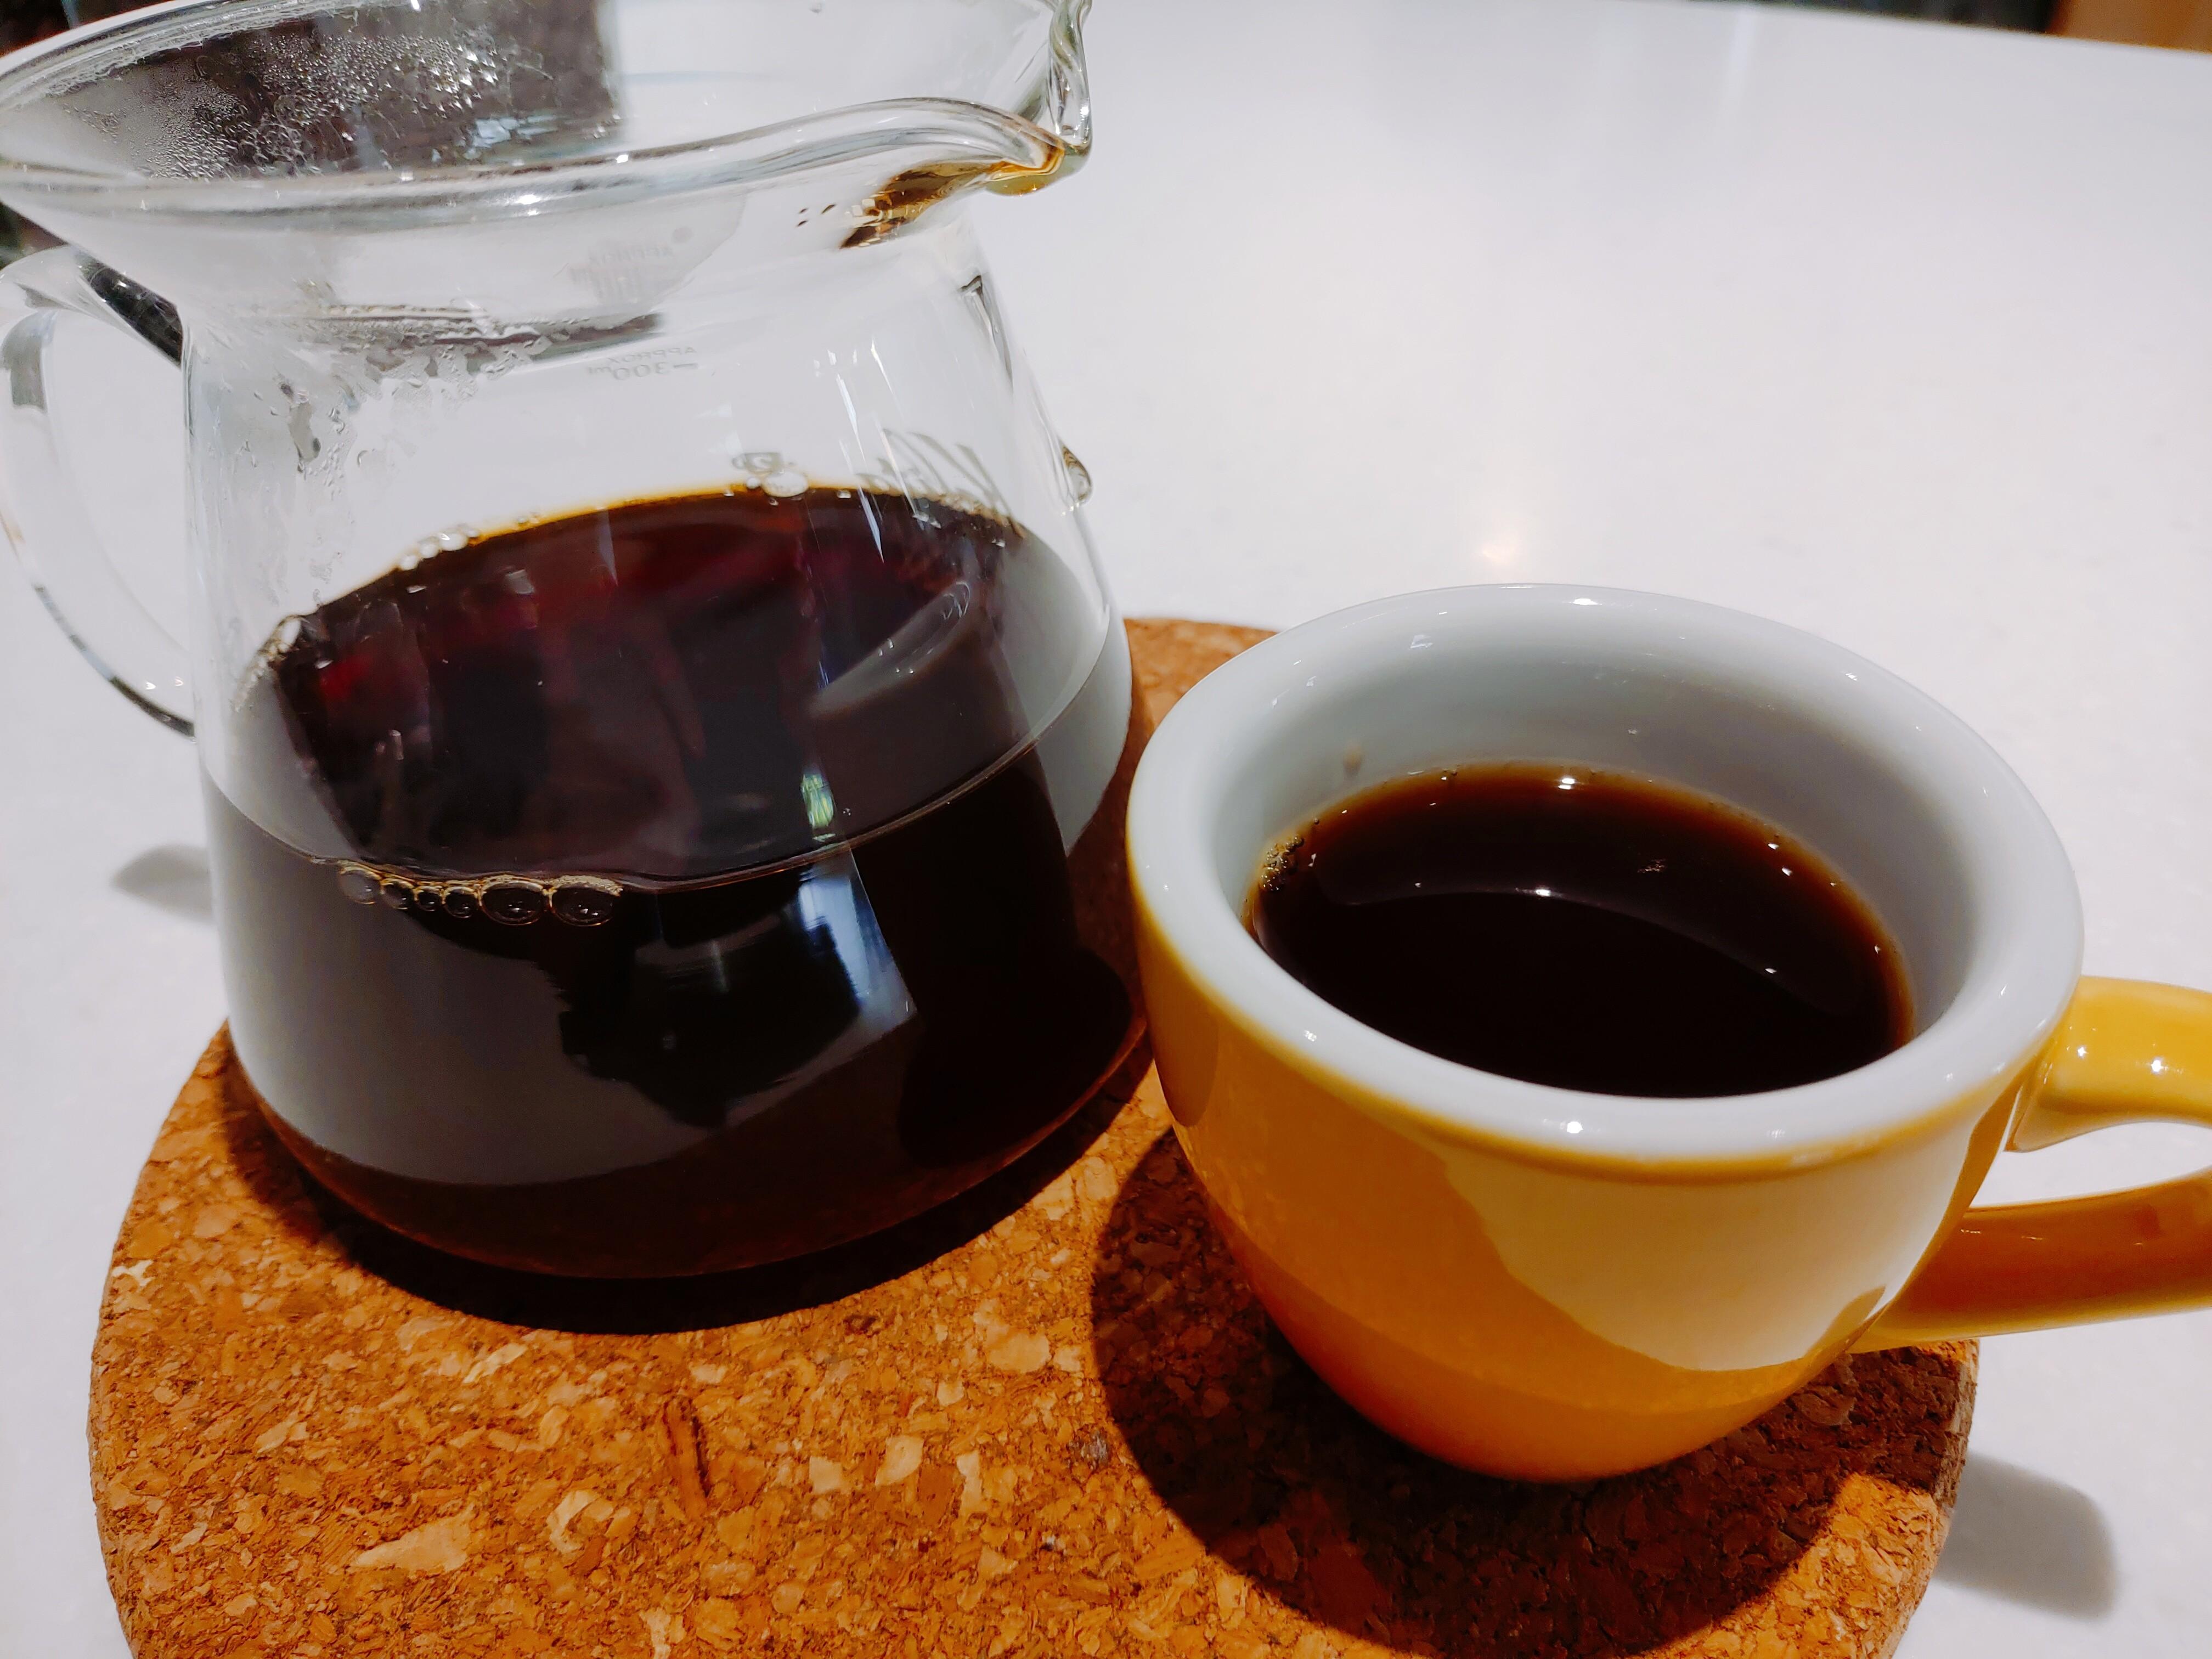 【花蓮美食】花蓮特色咖啡廳懶人包|甜食黨不可錯過的各式甜品與精品咖啡|私藏名單